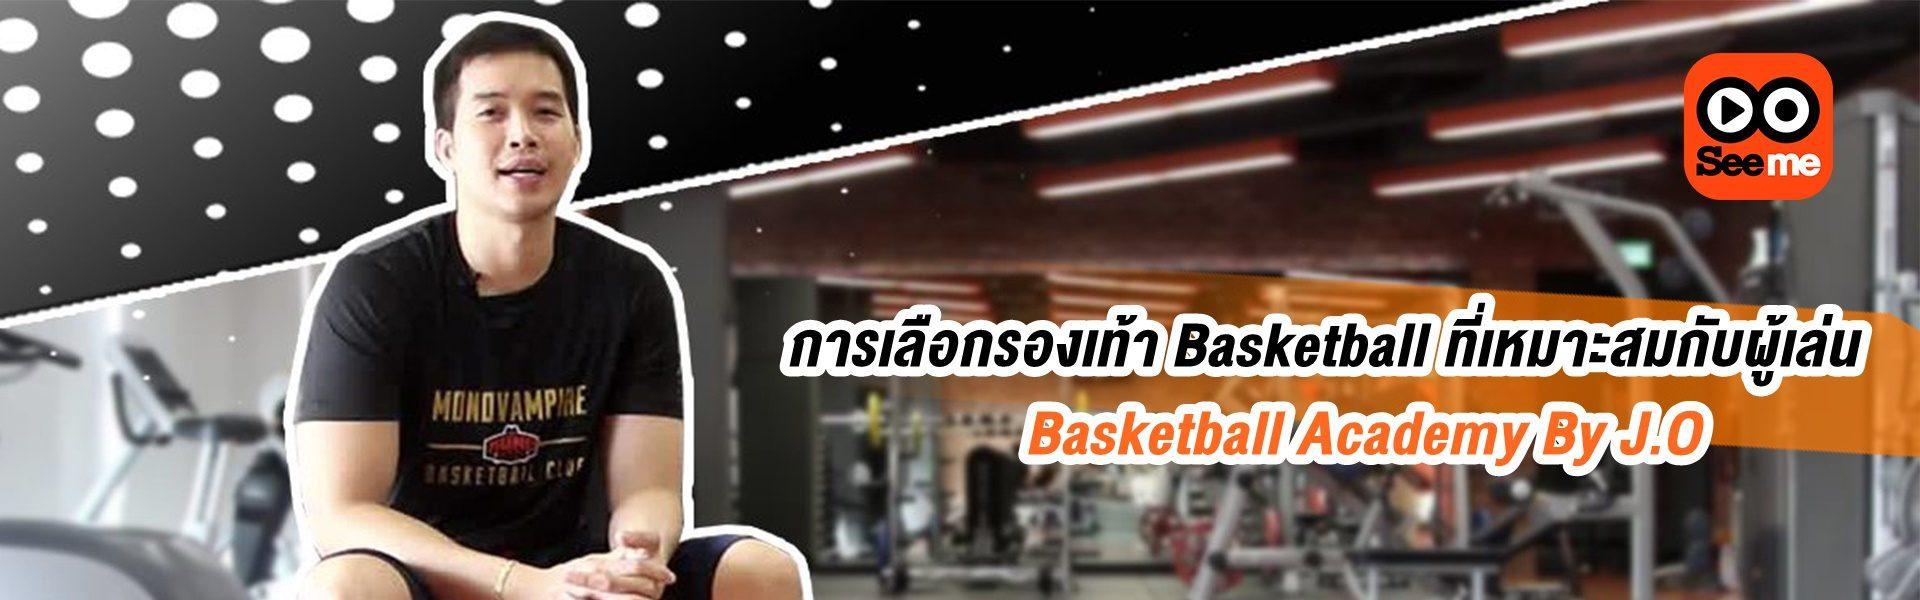 การเลือกรองเท้า Basketball ที่เหมาะสมกับผู้เล่น Basketball Academy By J.O